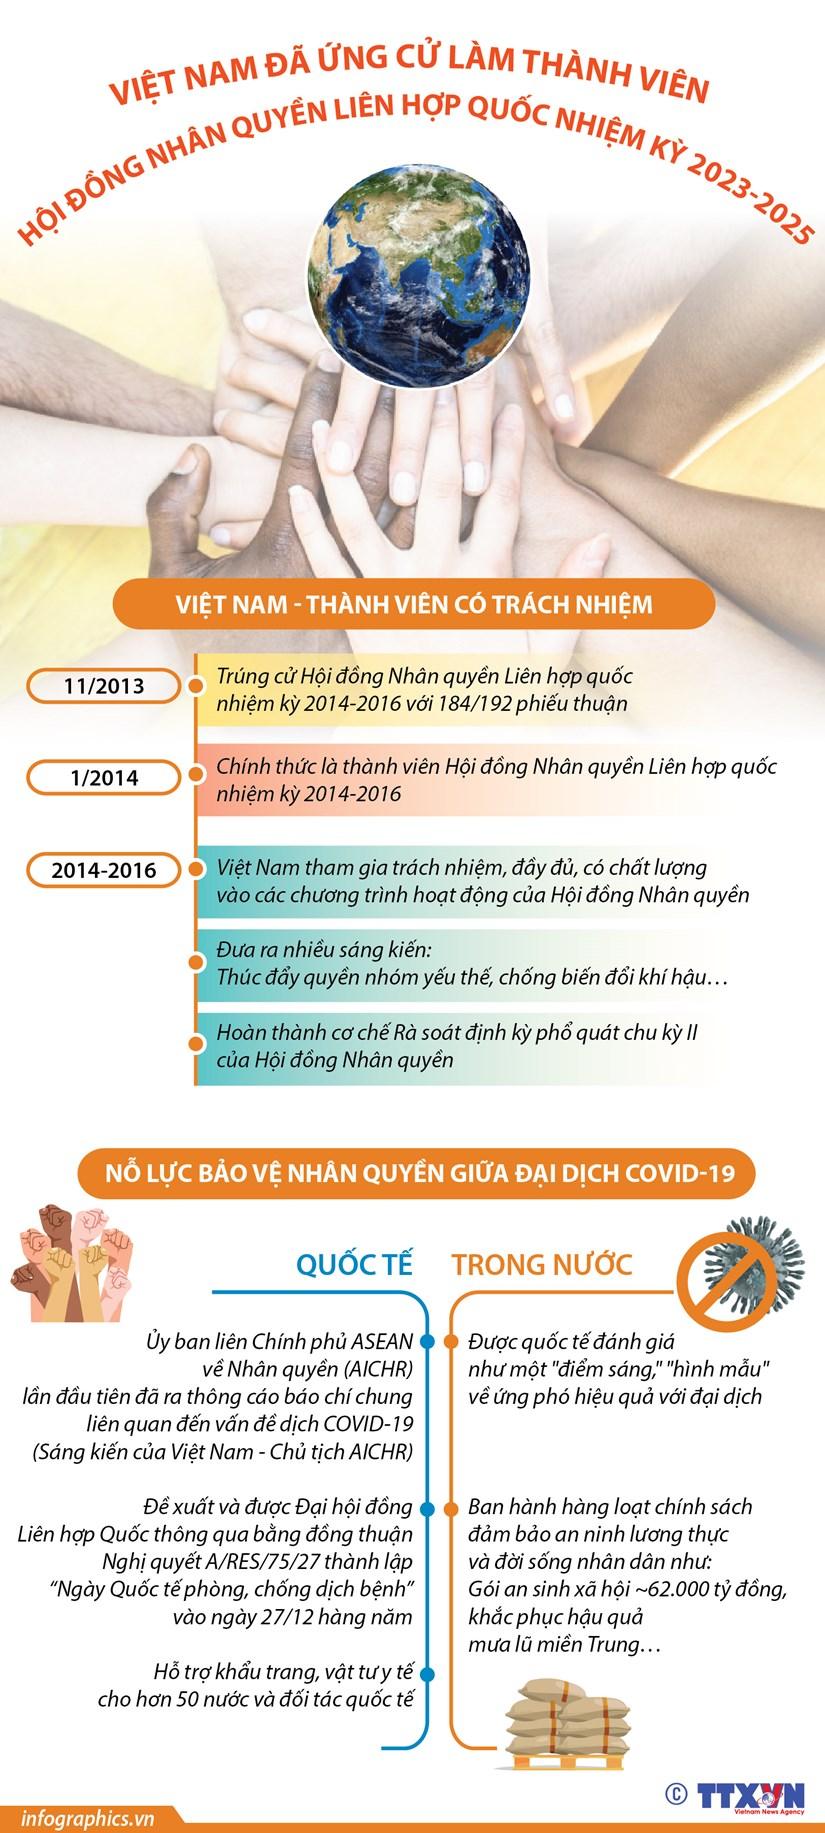 [Infographics] Viet Nam ung cu lam thanh vien Hoi dong Nhan quyen LHQ hinh anh 1